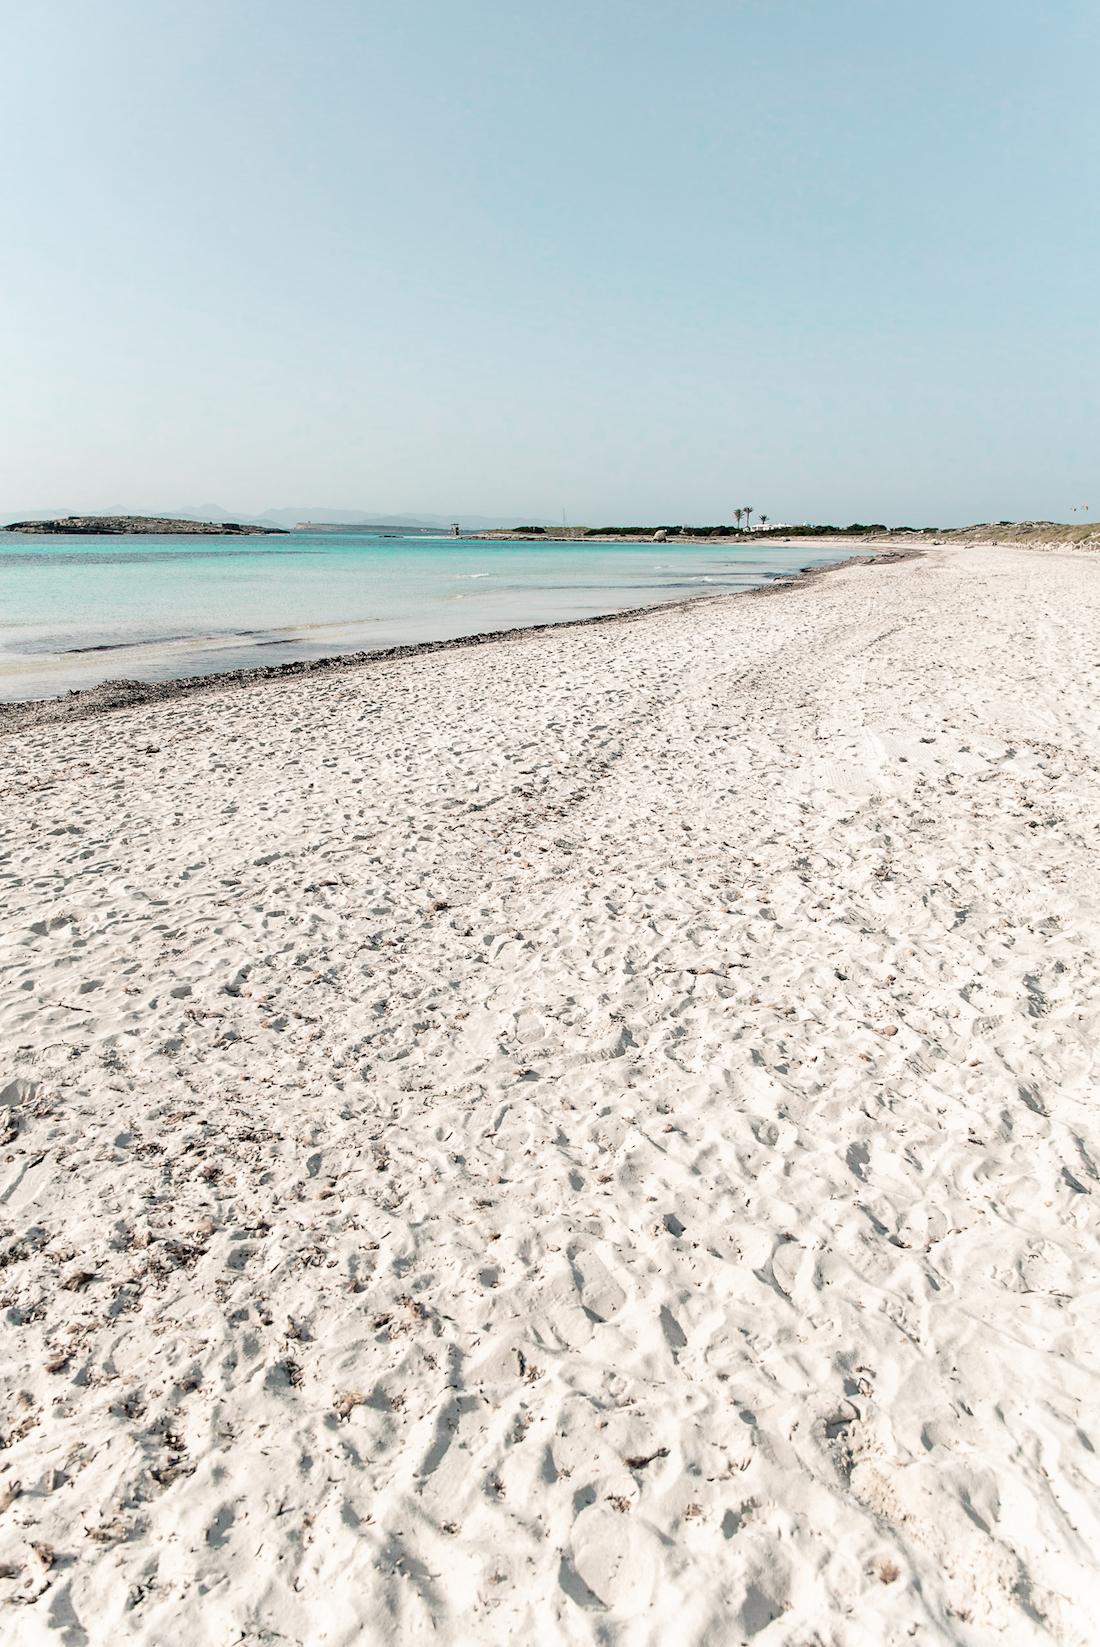 Ses SalinesNatural Park, Formentera - by Ben Holbrook